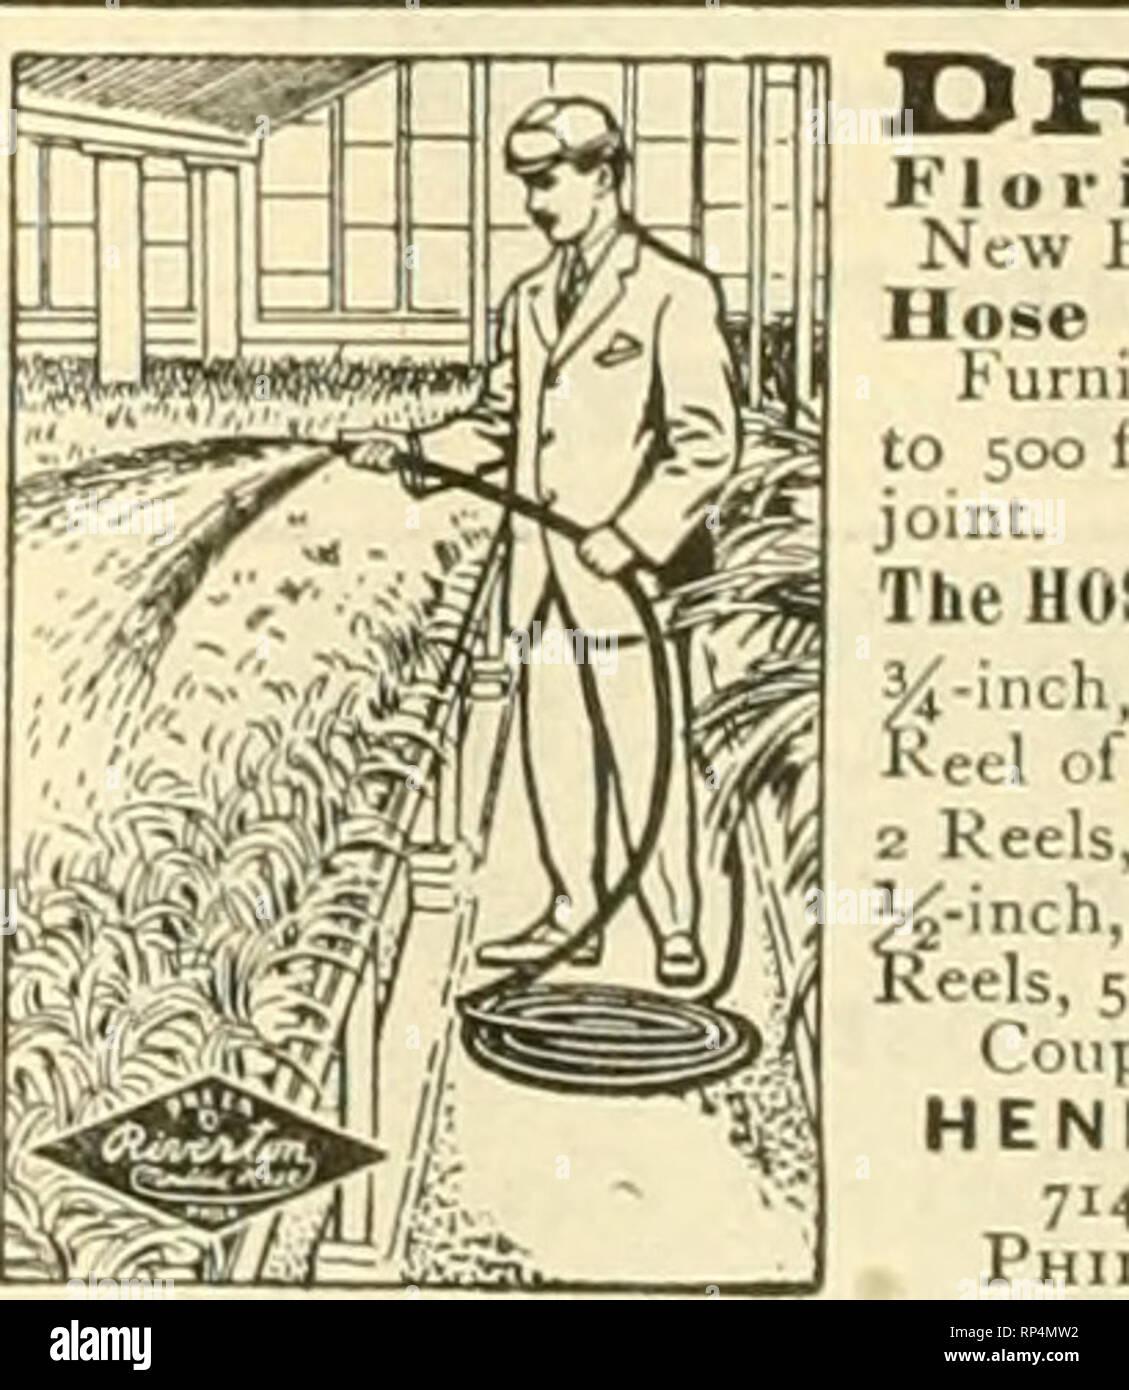 . La fleuriste américain: un journal hebdomadaire pour le commerce. La floriculture; fleuristes. Plus récent standard des pots fleuristes et les gestionnaires des terrains publics Demande de qualité nos pots que excel. C'est dans l'argile. Utilisez nos pots et vous en dire autant. Navire rapide- ment garanti. Juste Prix. Envoyer à: UST. Le Mt.GALAAD. Poterie,mt.Galaad.O. (Successeurs de Smith Thomas.) le Kram Cintres Pot pour la vente en gros par les semenciers. Fleuriste, et les concessionnaires d'approvisionnement, prix. tl.OO par douzaine par express. Douzaine d'échantillon par la poste, tl.25. I. N. KIUUIER Ripidt h FILS, Gidar. m La Construction de serres. Par le Professeur L. Banque D'Images